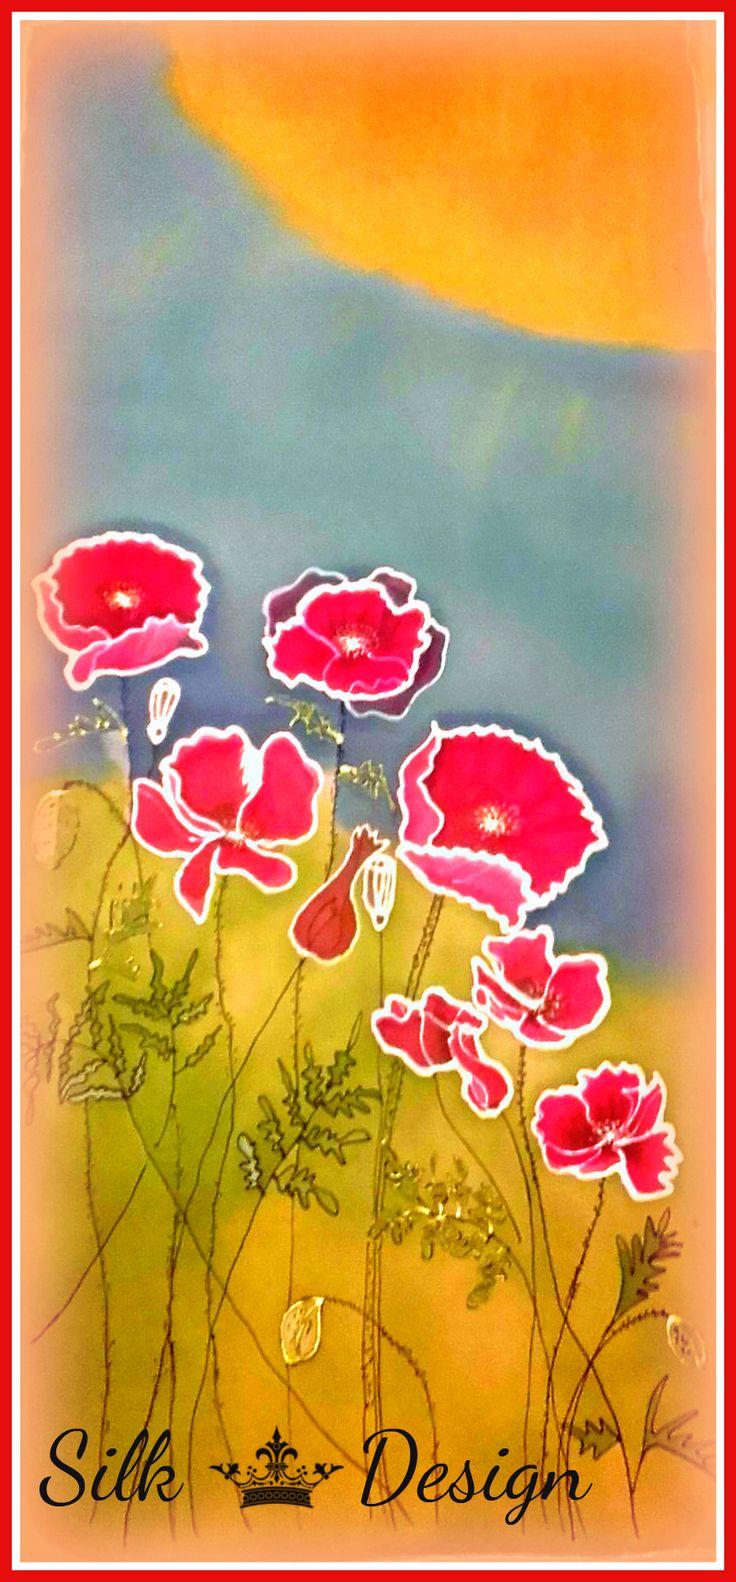 Üdvözöllek! A tavaszi hangulat ihlette legújabb munkámat, melyet megosztok veletek is. Kontúrozás Első réteg festék felvitele, vizes felületre. A napsütés és a felhők hatása a keveredő színek és a…